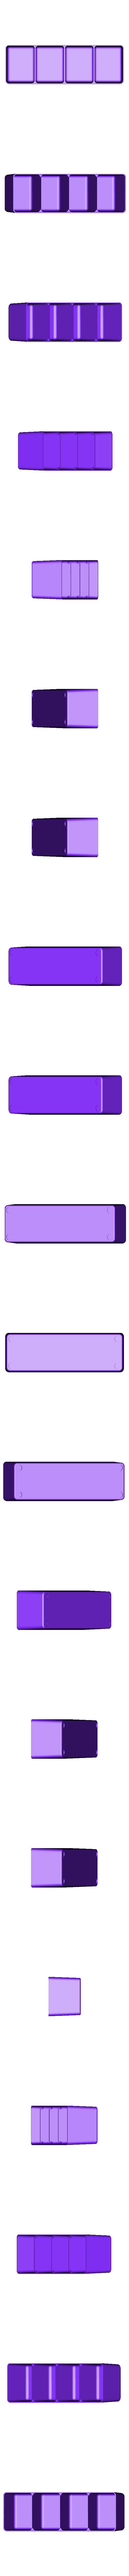 1-3__V3.stl Download STL file Allit Europlus organizer boxes • 3D printable model, baracuda86